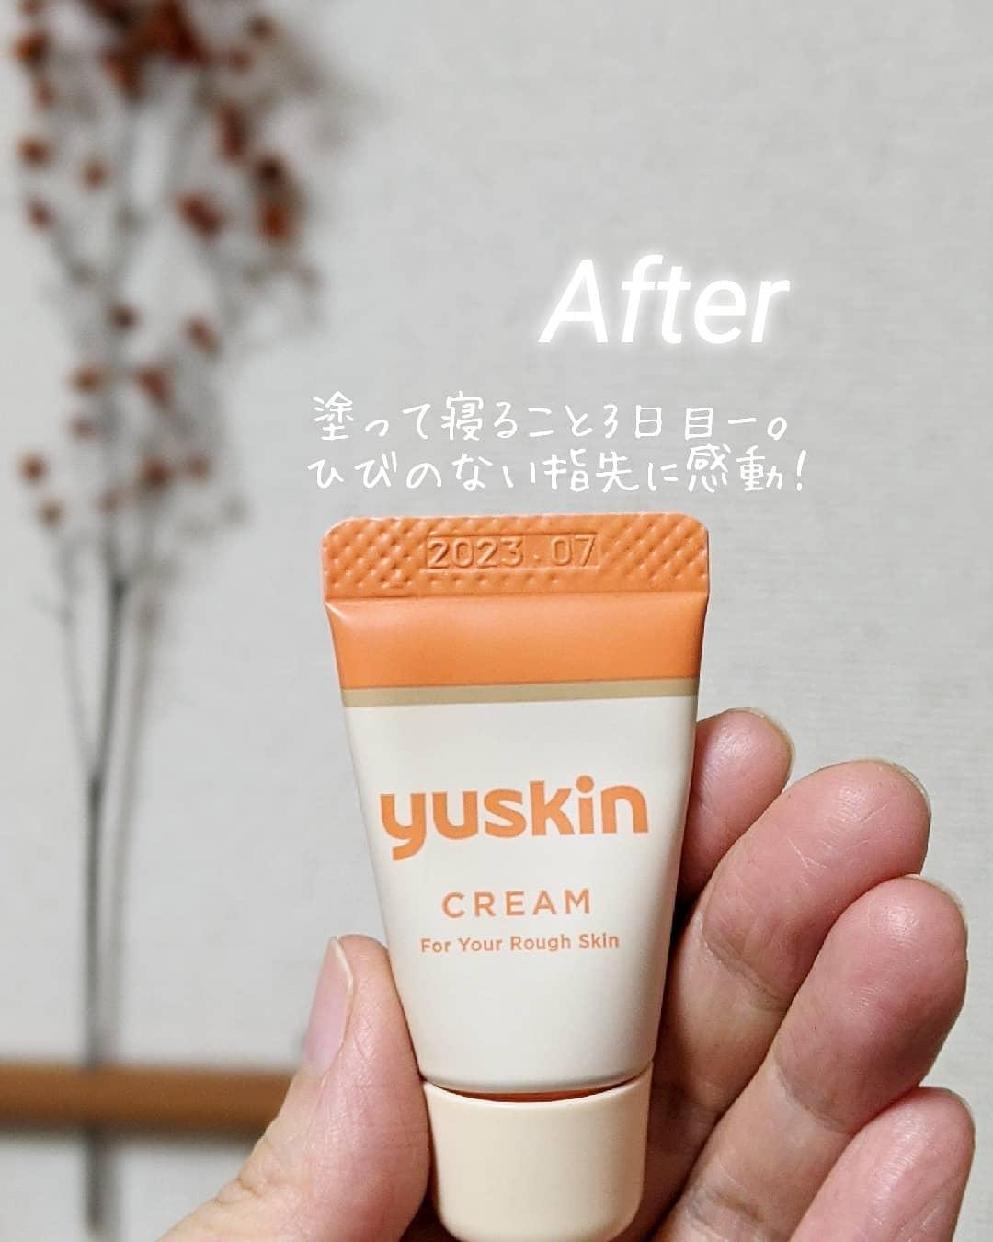 yuskin(ユースキン) ユースキンAを使ったr_cosme_roomさんのクチコミ画像3